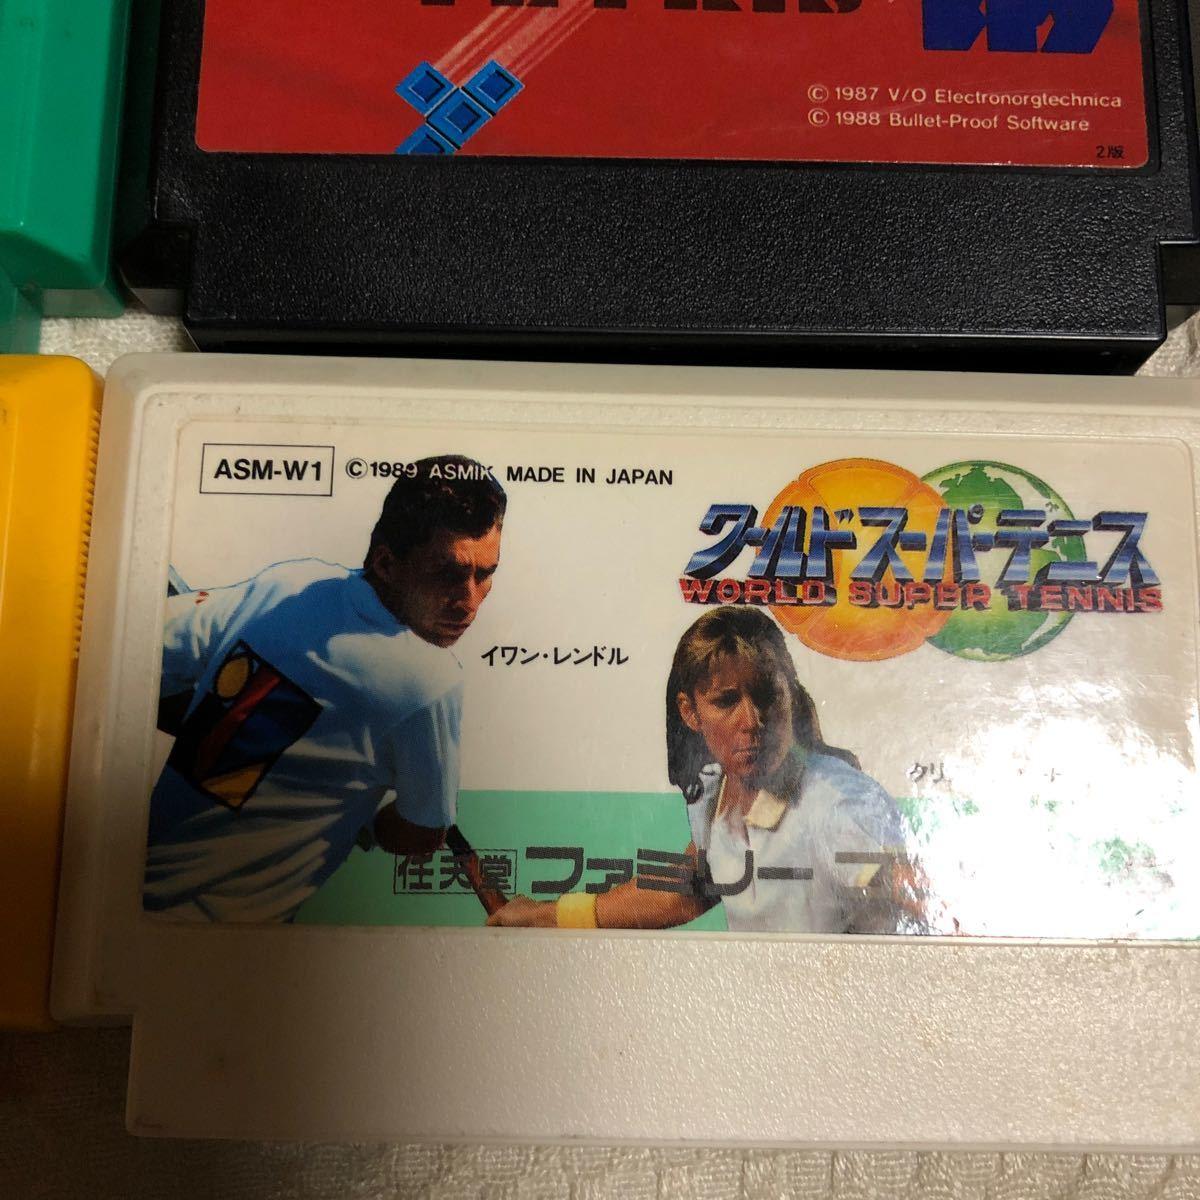 任天堂 ファミコンカセット ソフト ドラゴンクエスト4 スーパーマリオブラザーズ テトリス 4人麻雀 ファミンスタジアム